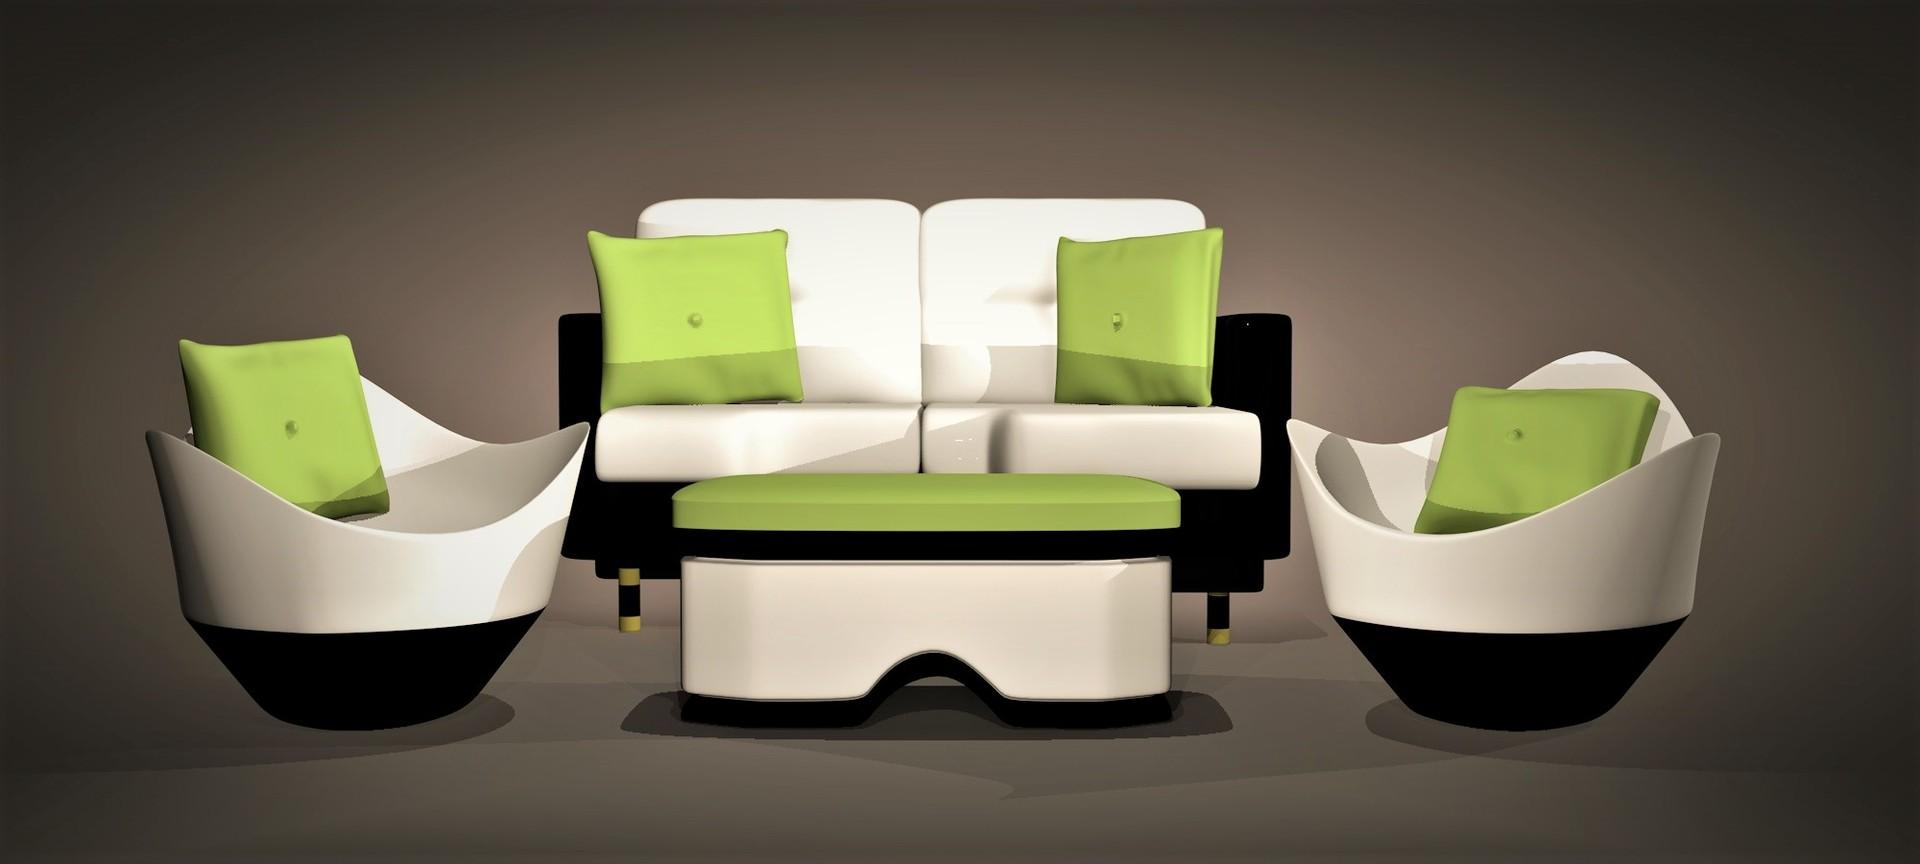 Viviana alvarado muebles